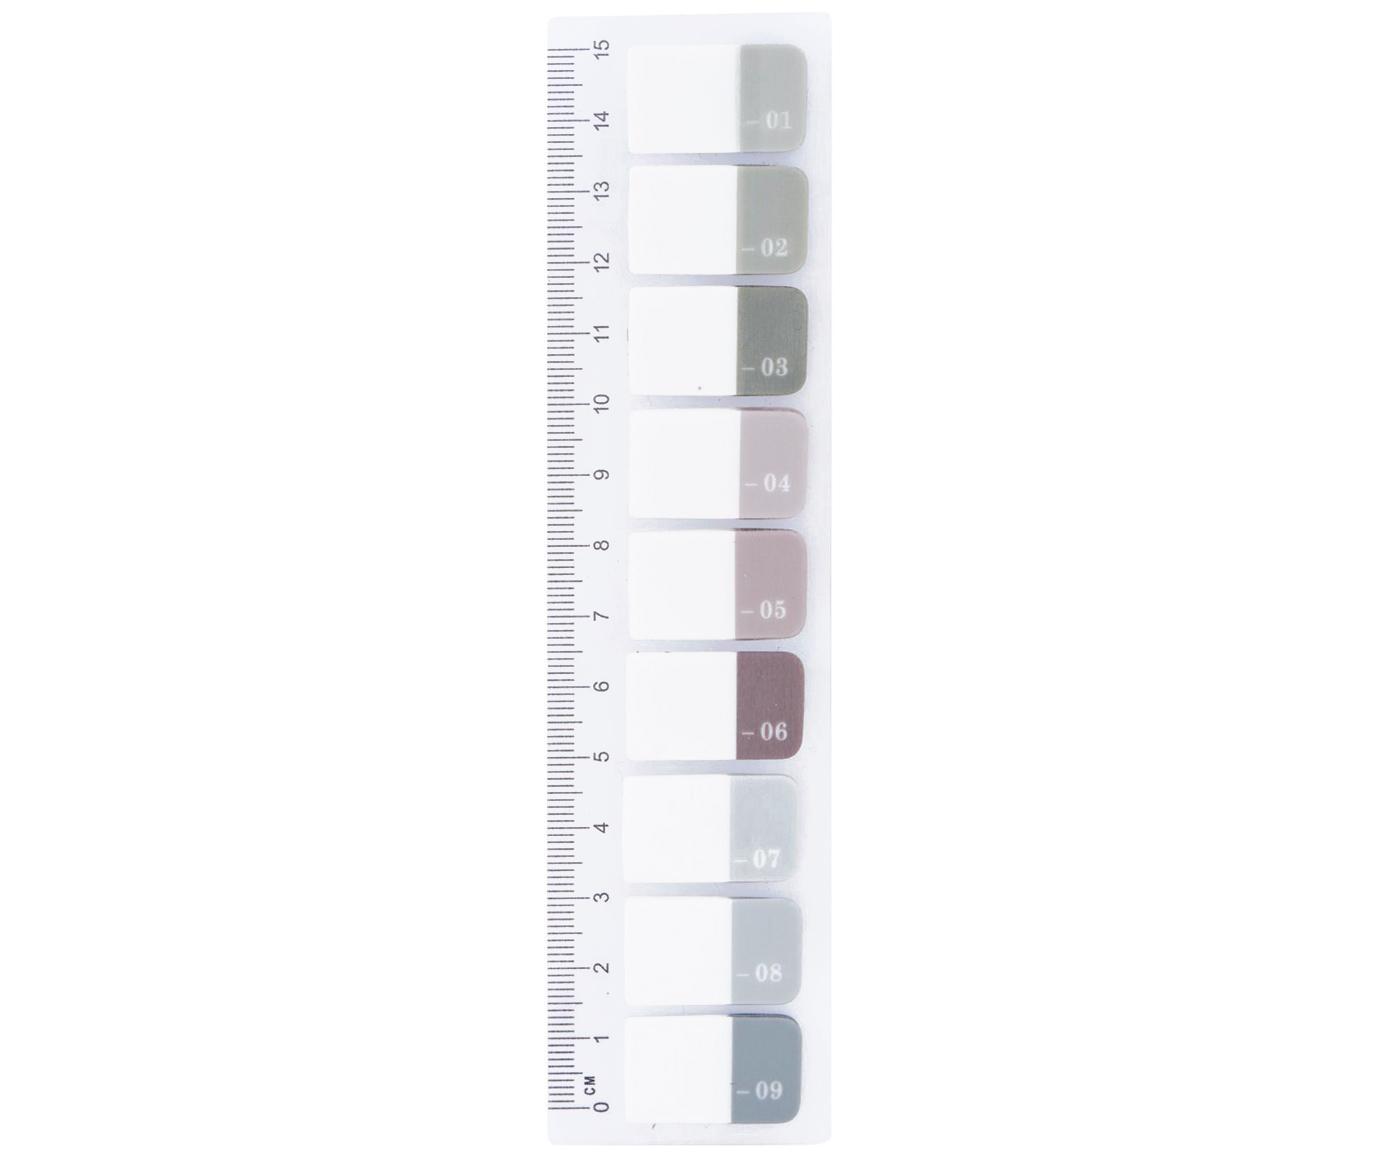 Linijka Index, Tworzywo sztuczne, Wielobarwny, S 4 x D 15 cm